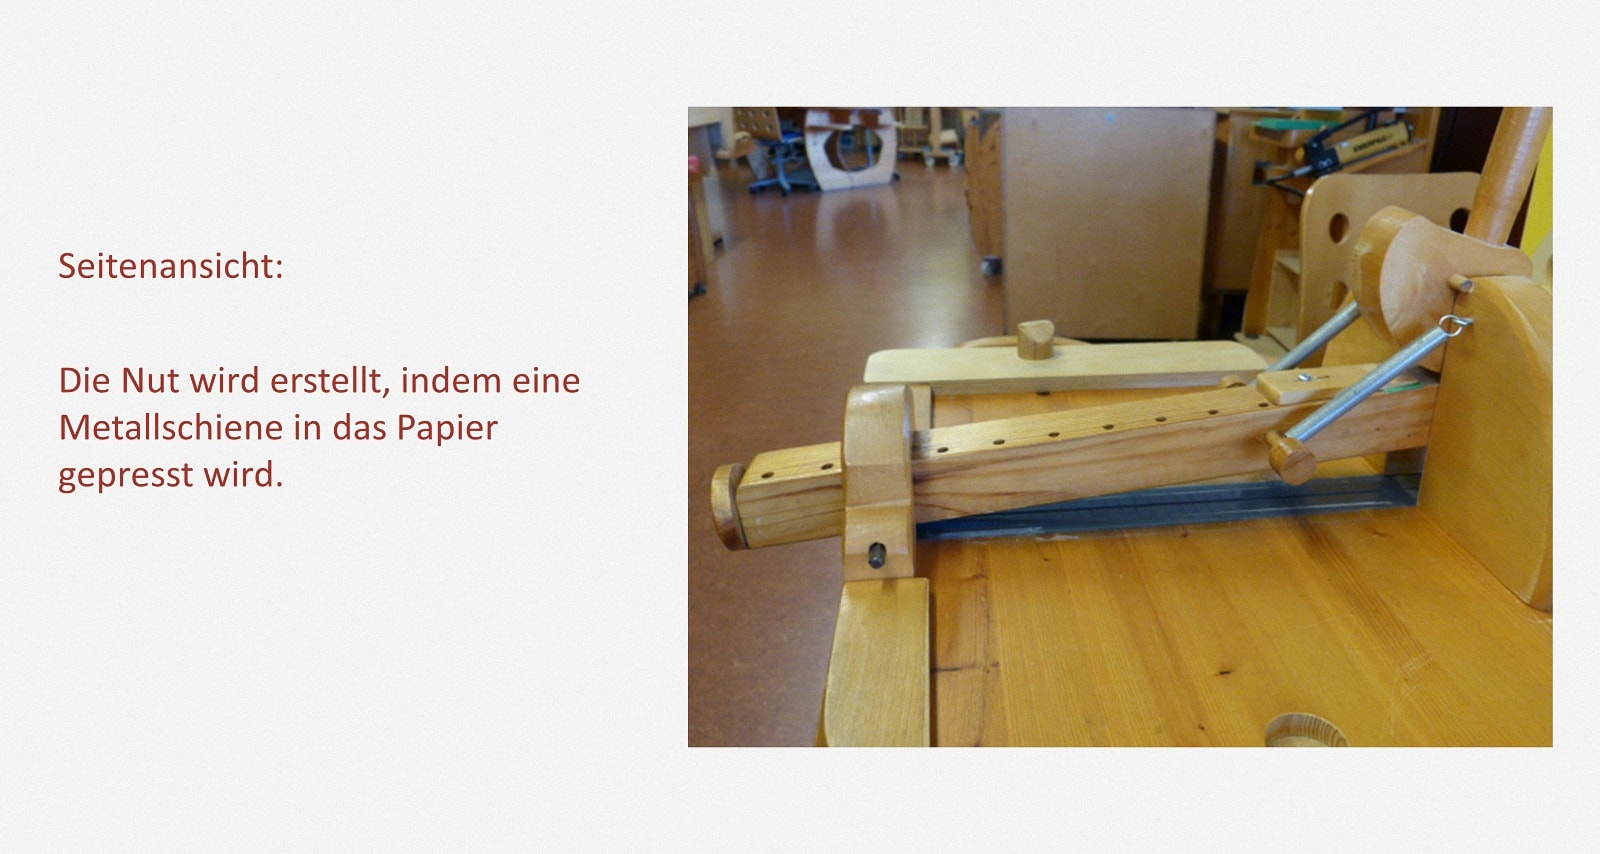 Heftumschläge nuten Karl-Schubert-Werkstätten – Filderstadt Papierwerkstatt Entwickler: Hans Martin Nüssle